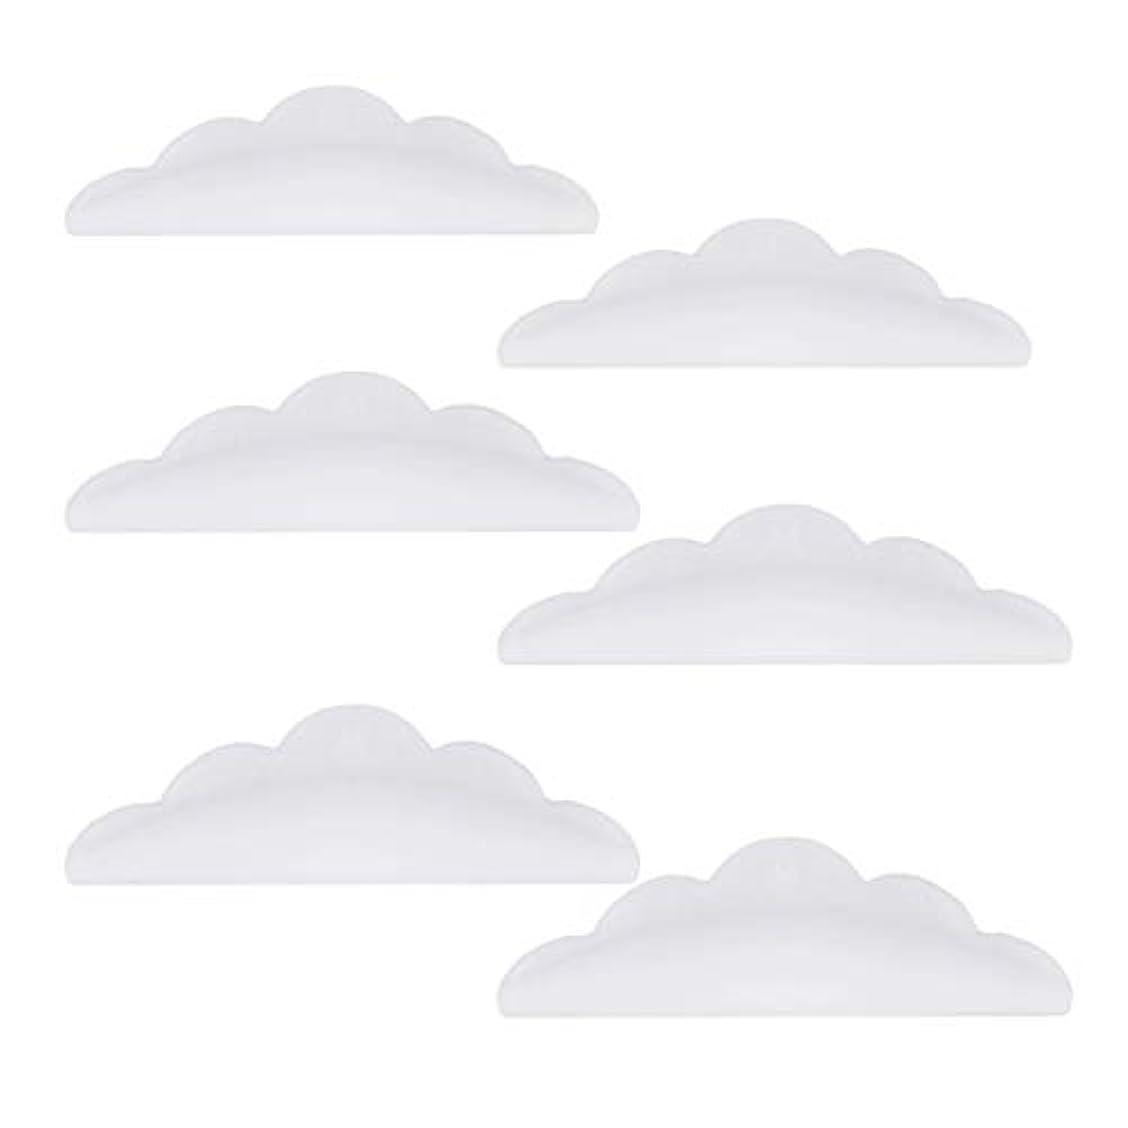 池有毒栄光のLurrose 24本のシリコーンまつげパーマカーラーシールドパッド化粧道具(ホワイト)